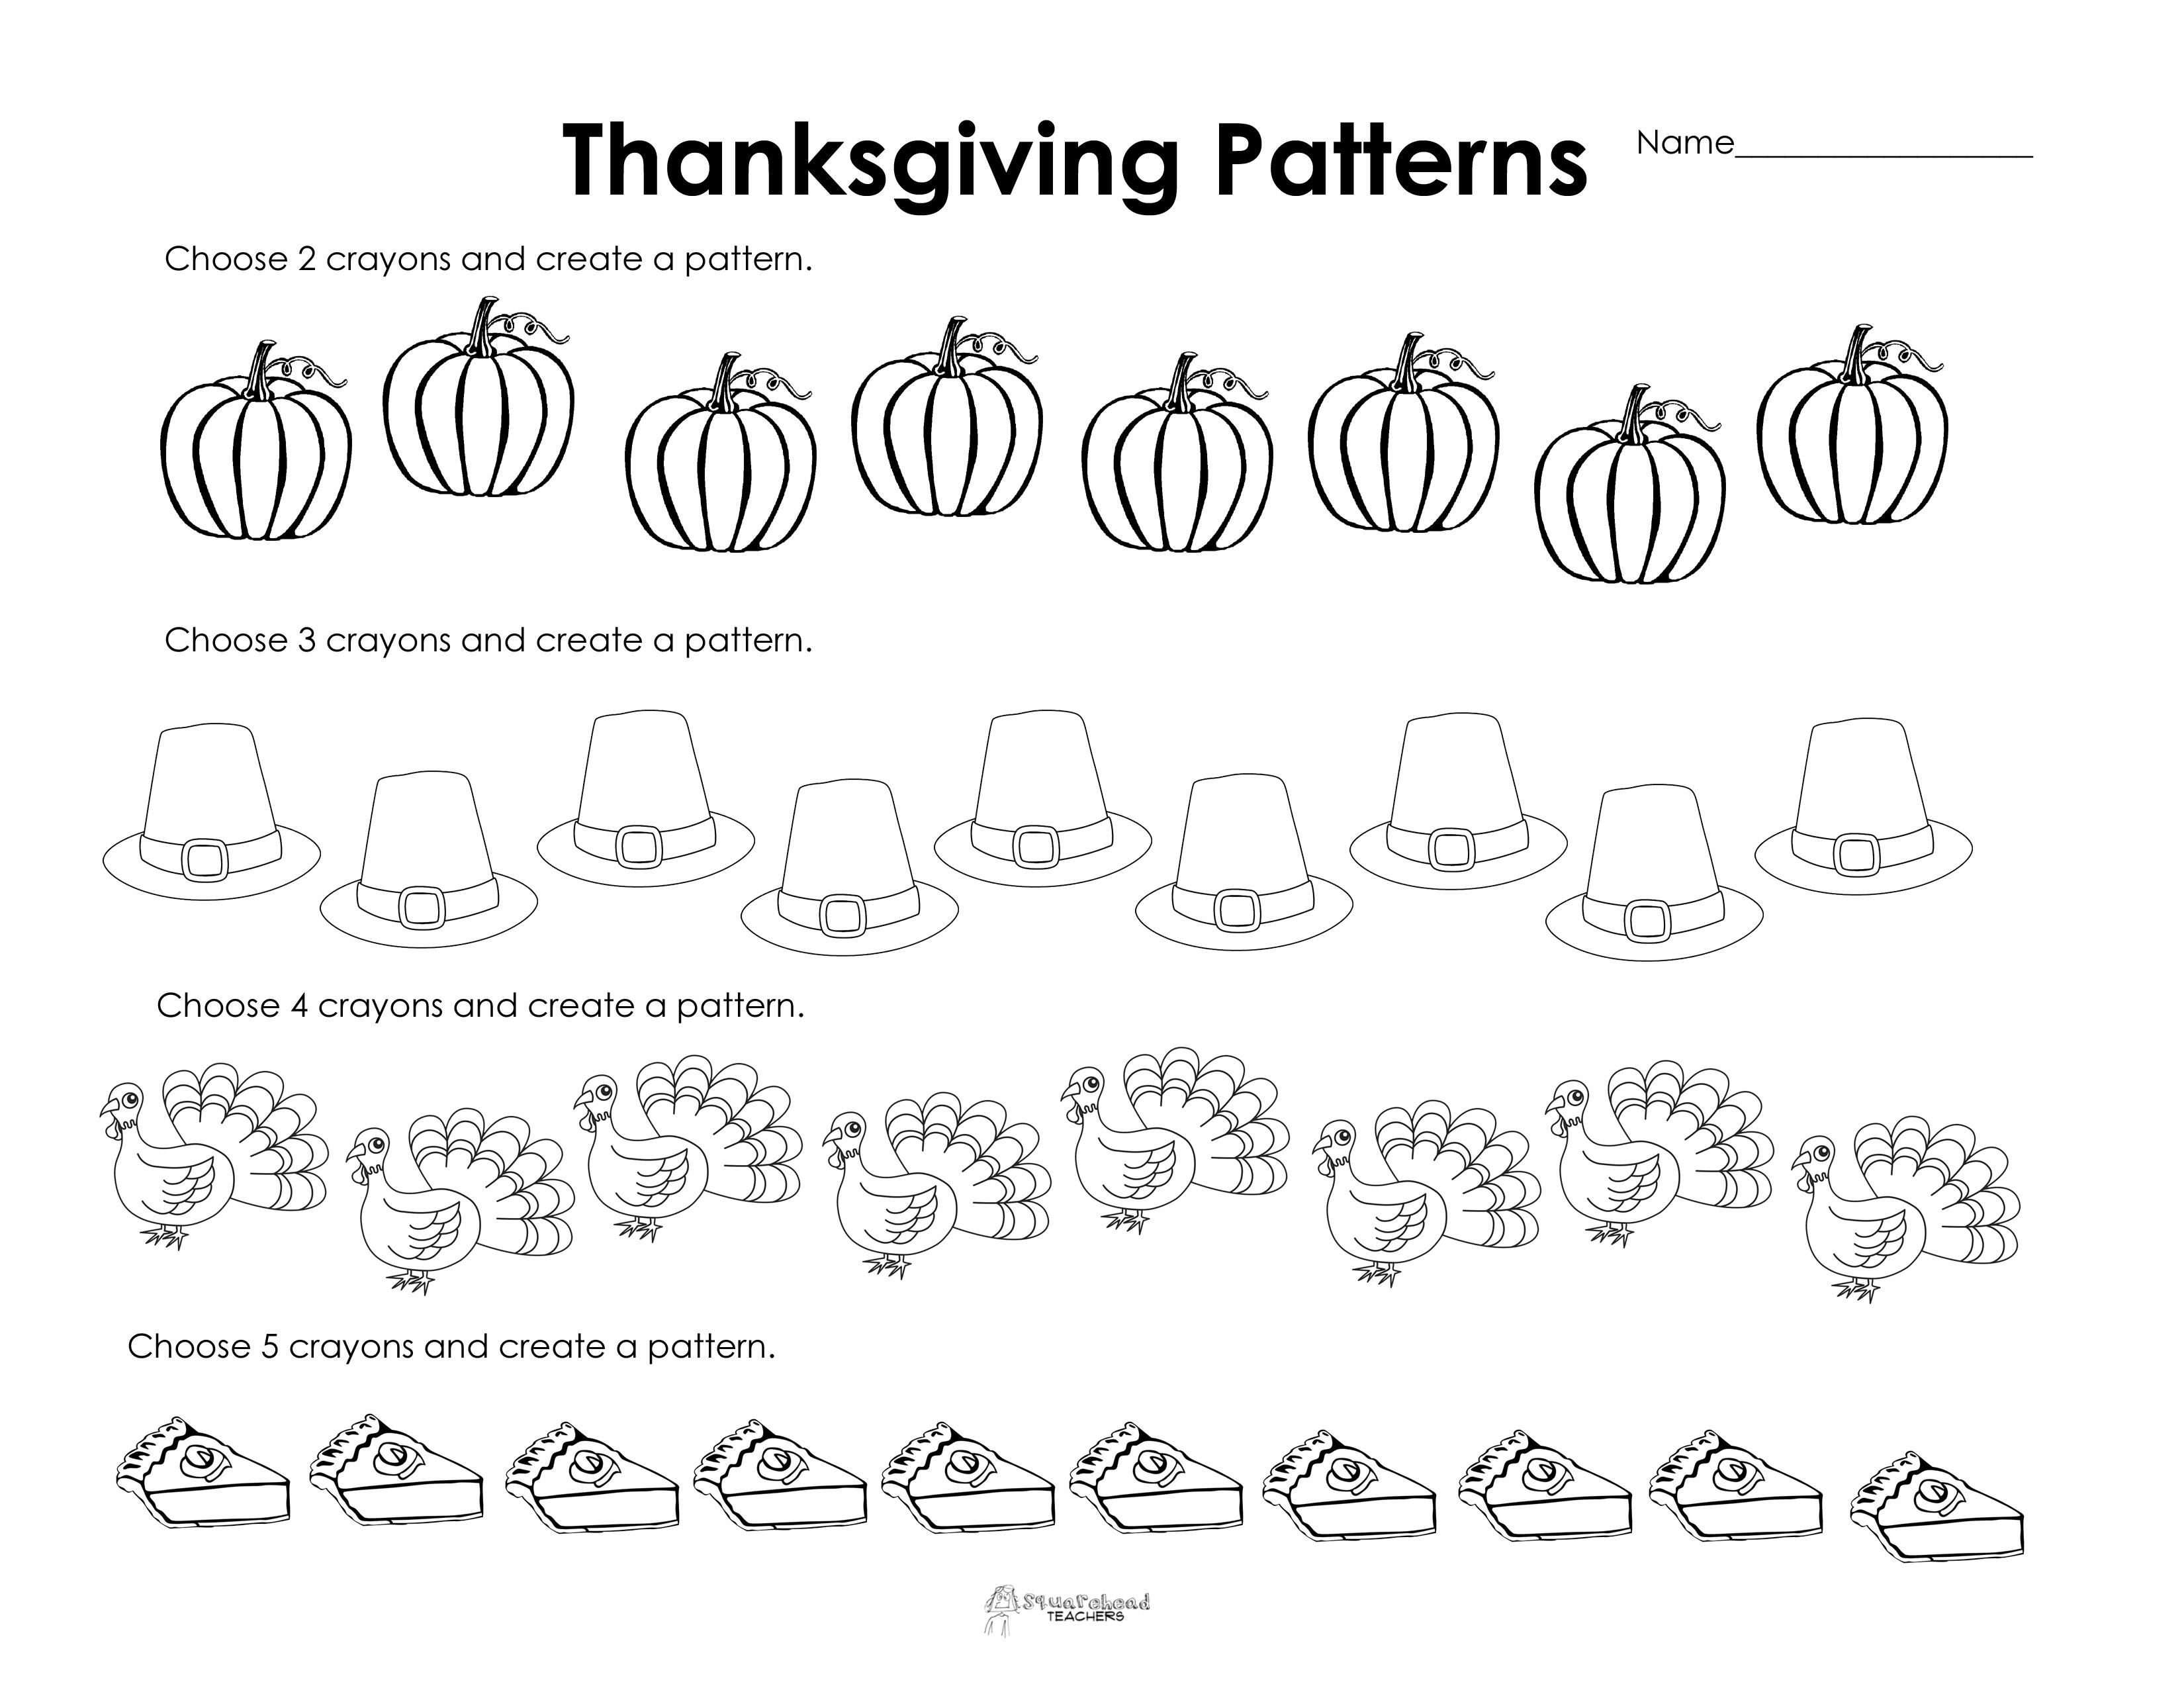 Making Patterns: Thanksgiving Style (Free Worksheet!)   Squarehead   Free Printable Thanksgiving Worksheets